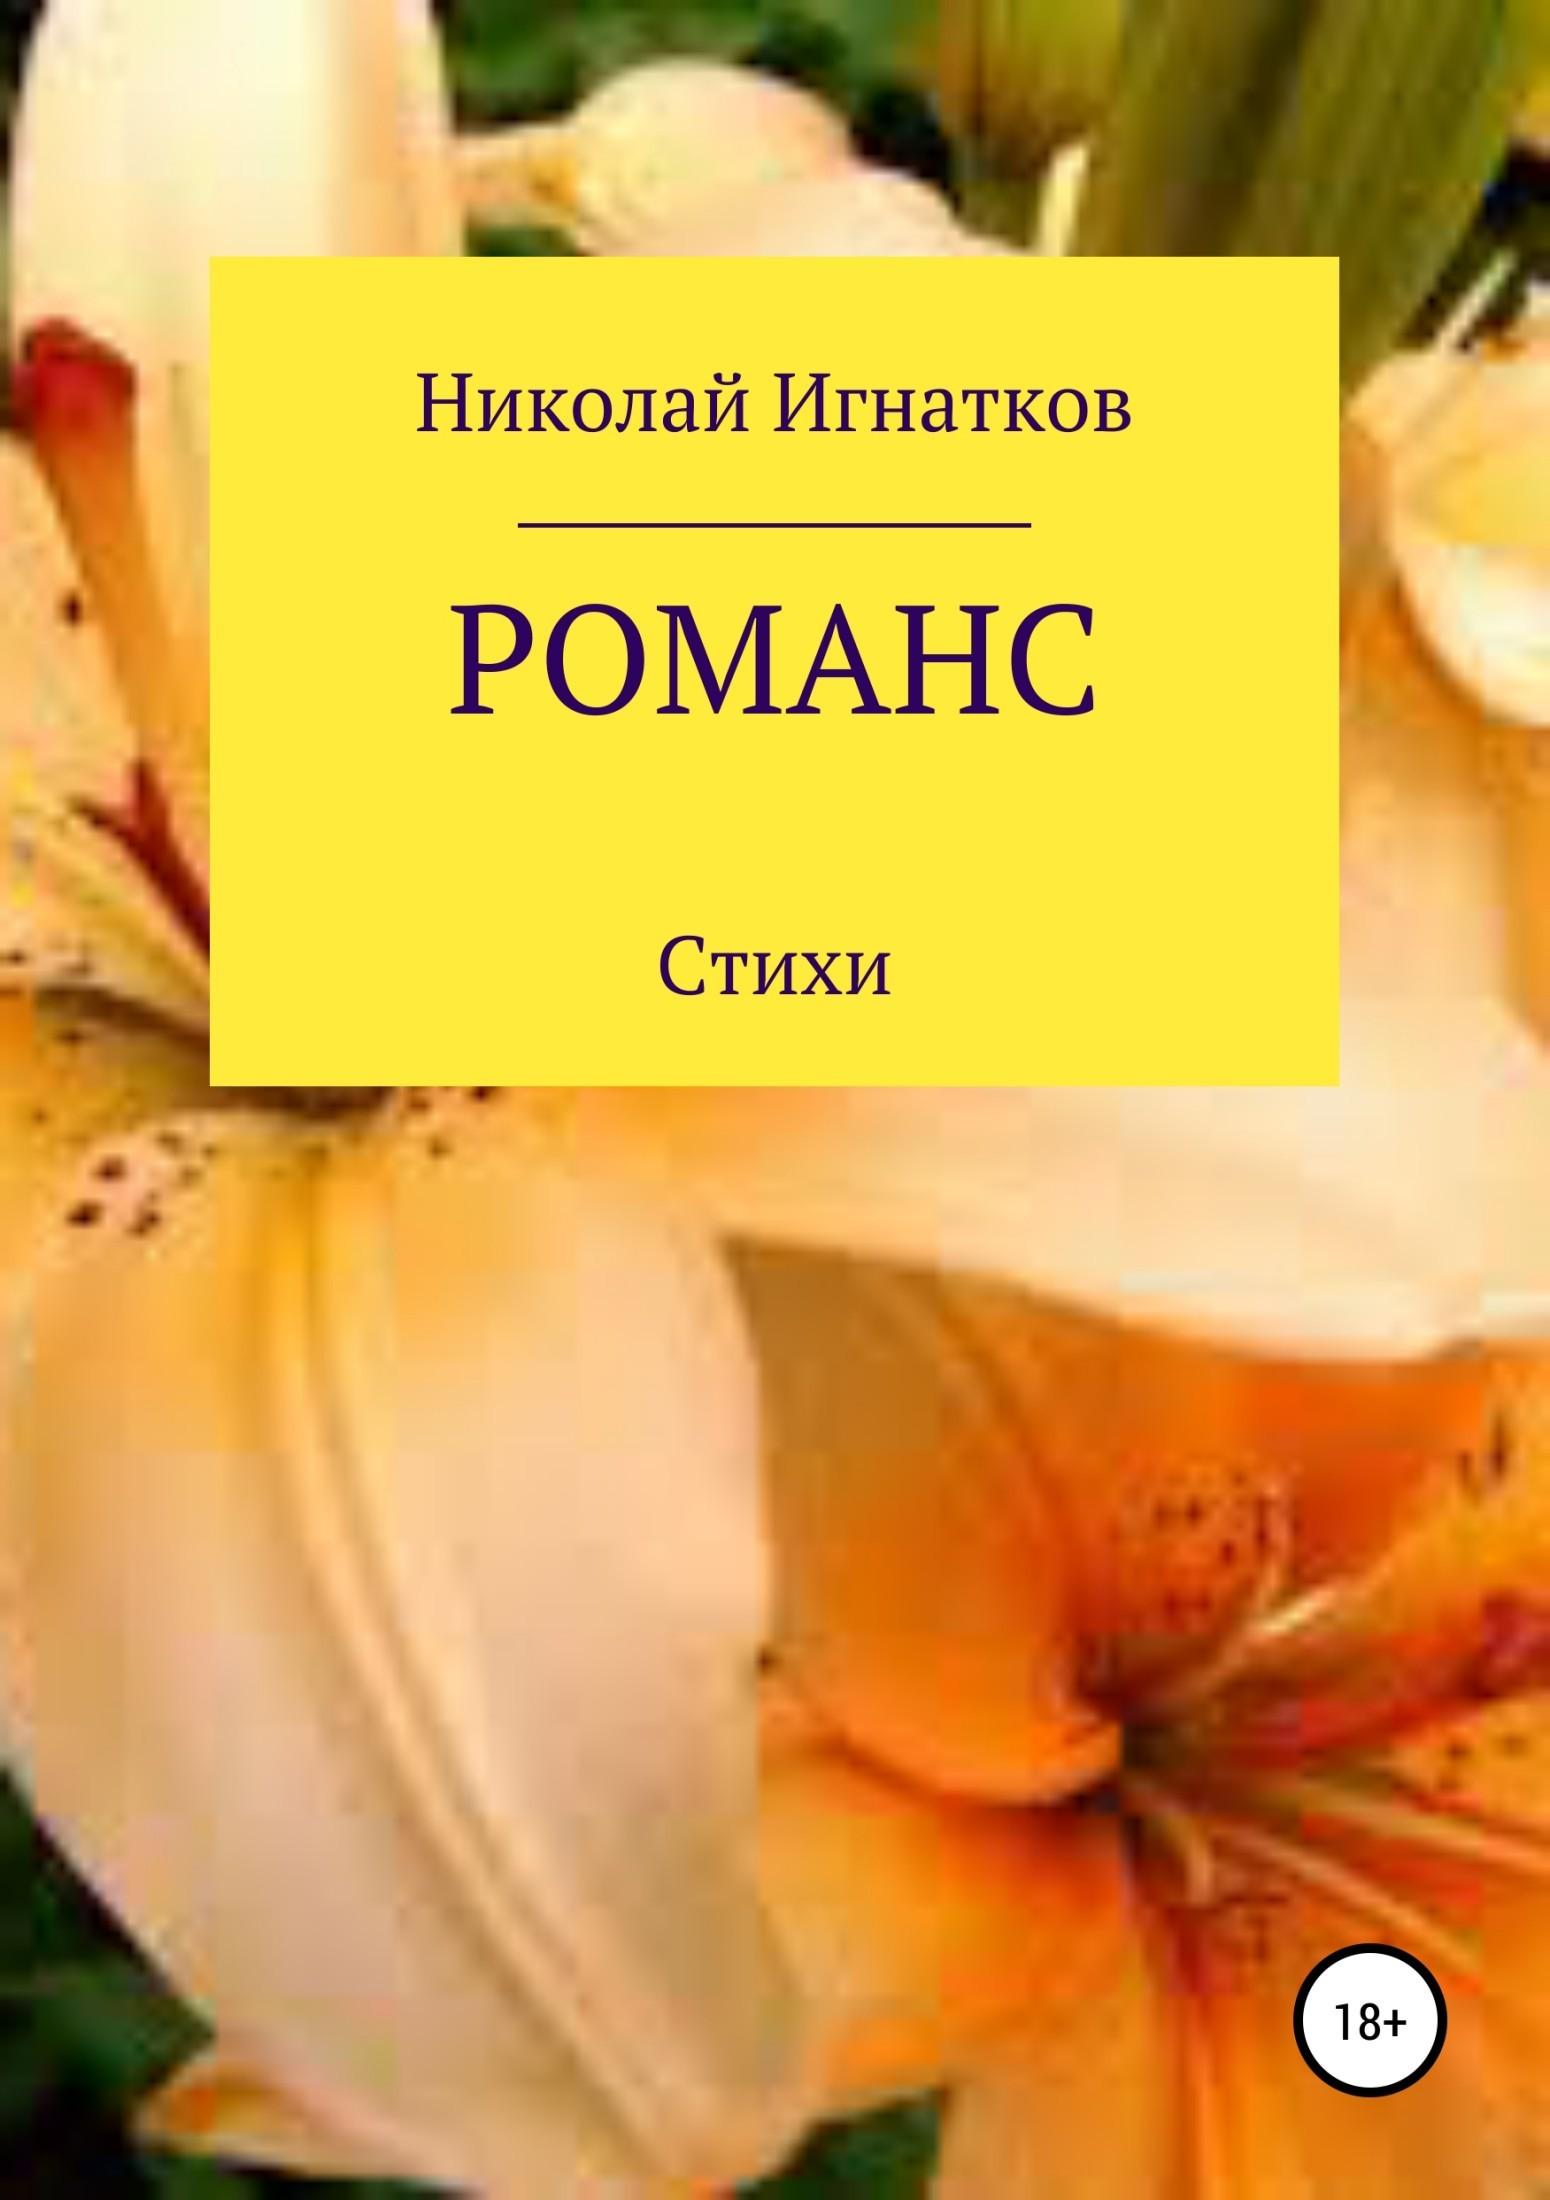 Романс. Книга стихотворений